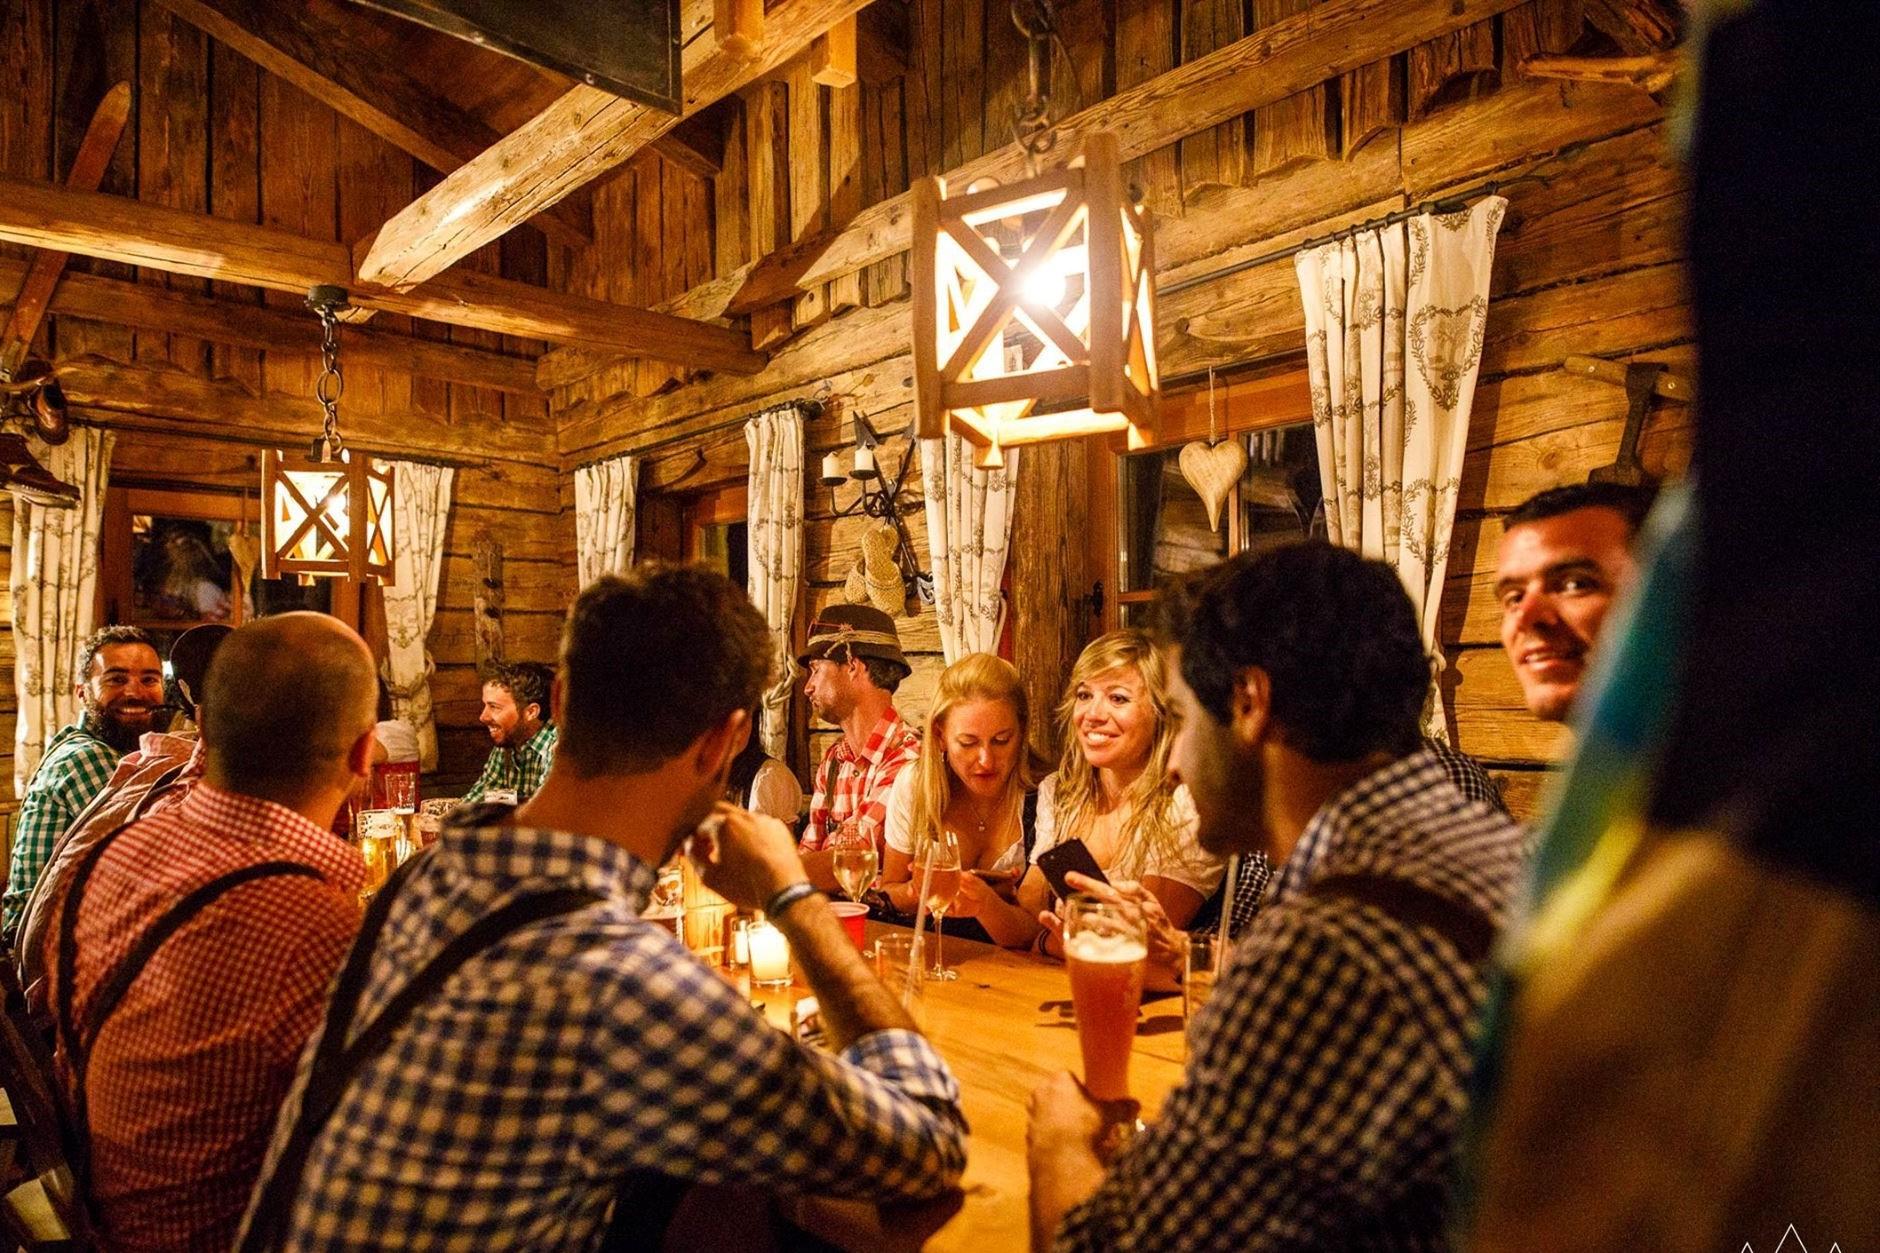 GEZELLIG TAFELEN#Traditioneel tafelen met jouw collega's